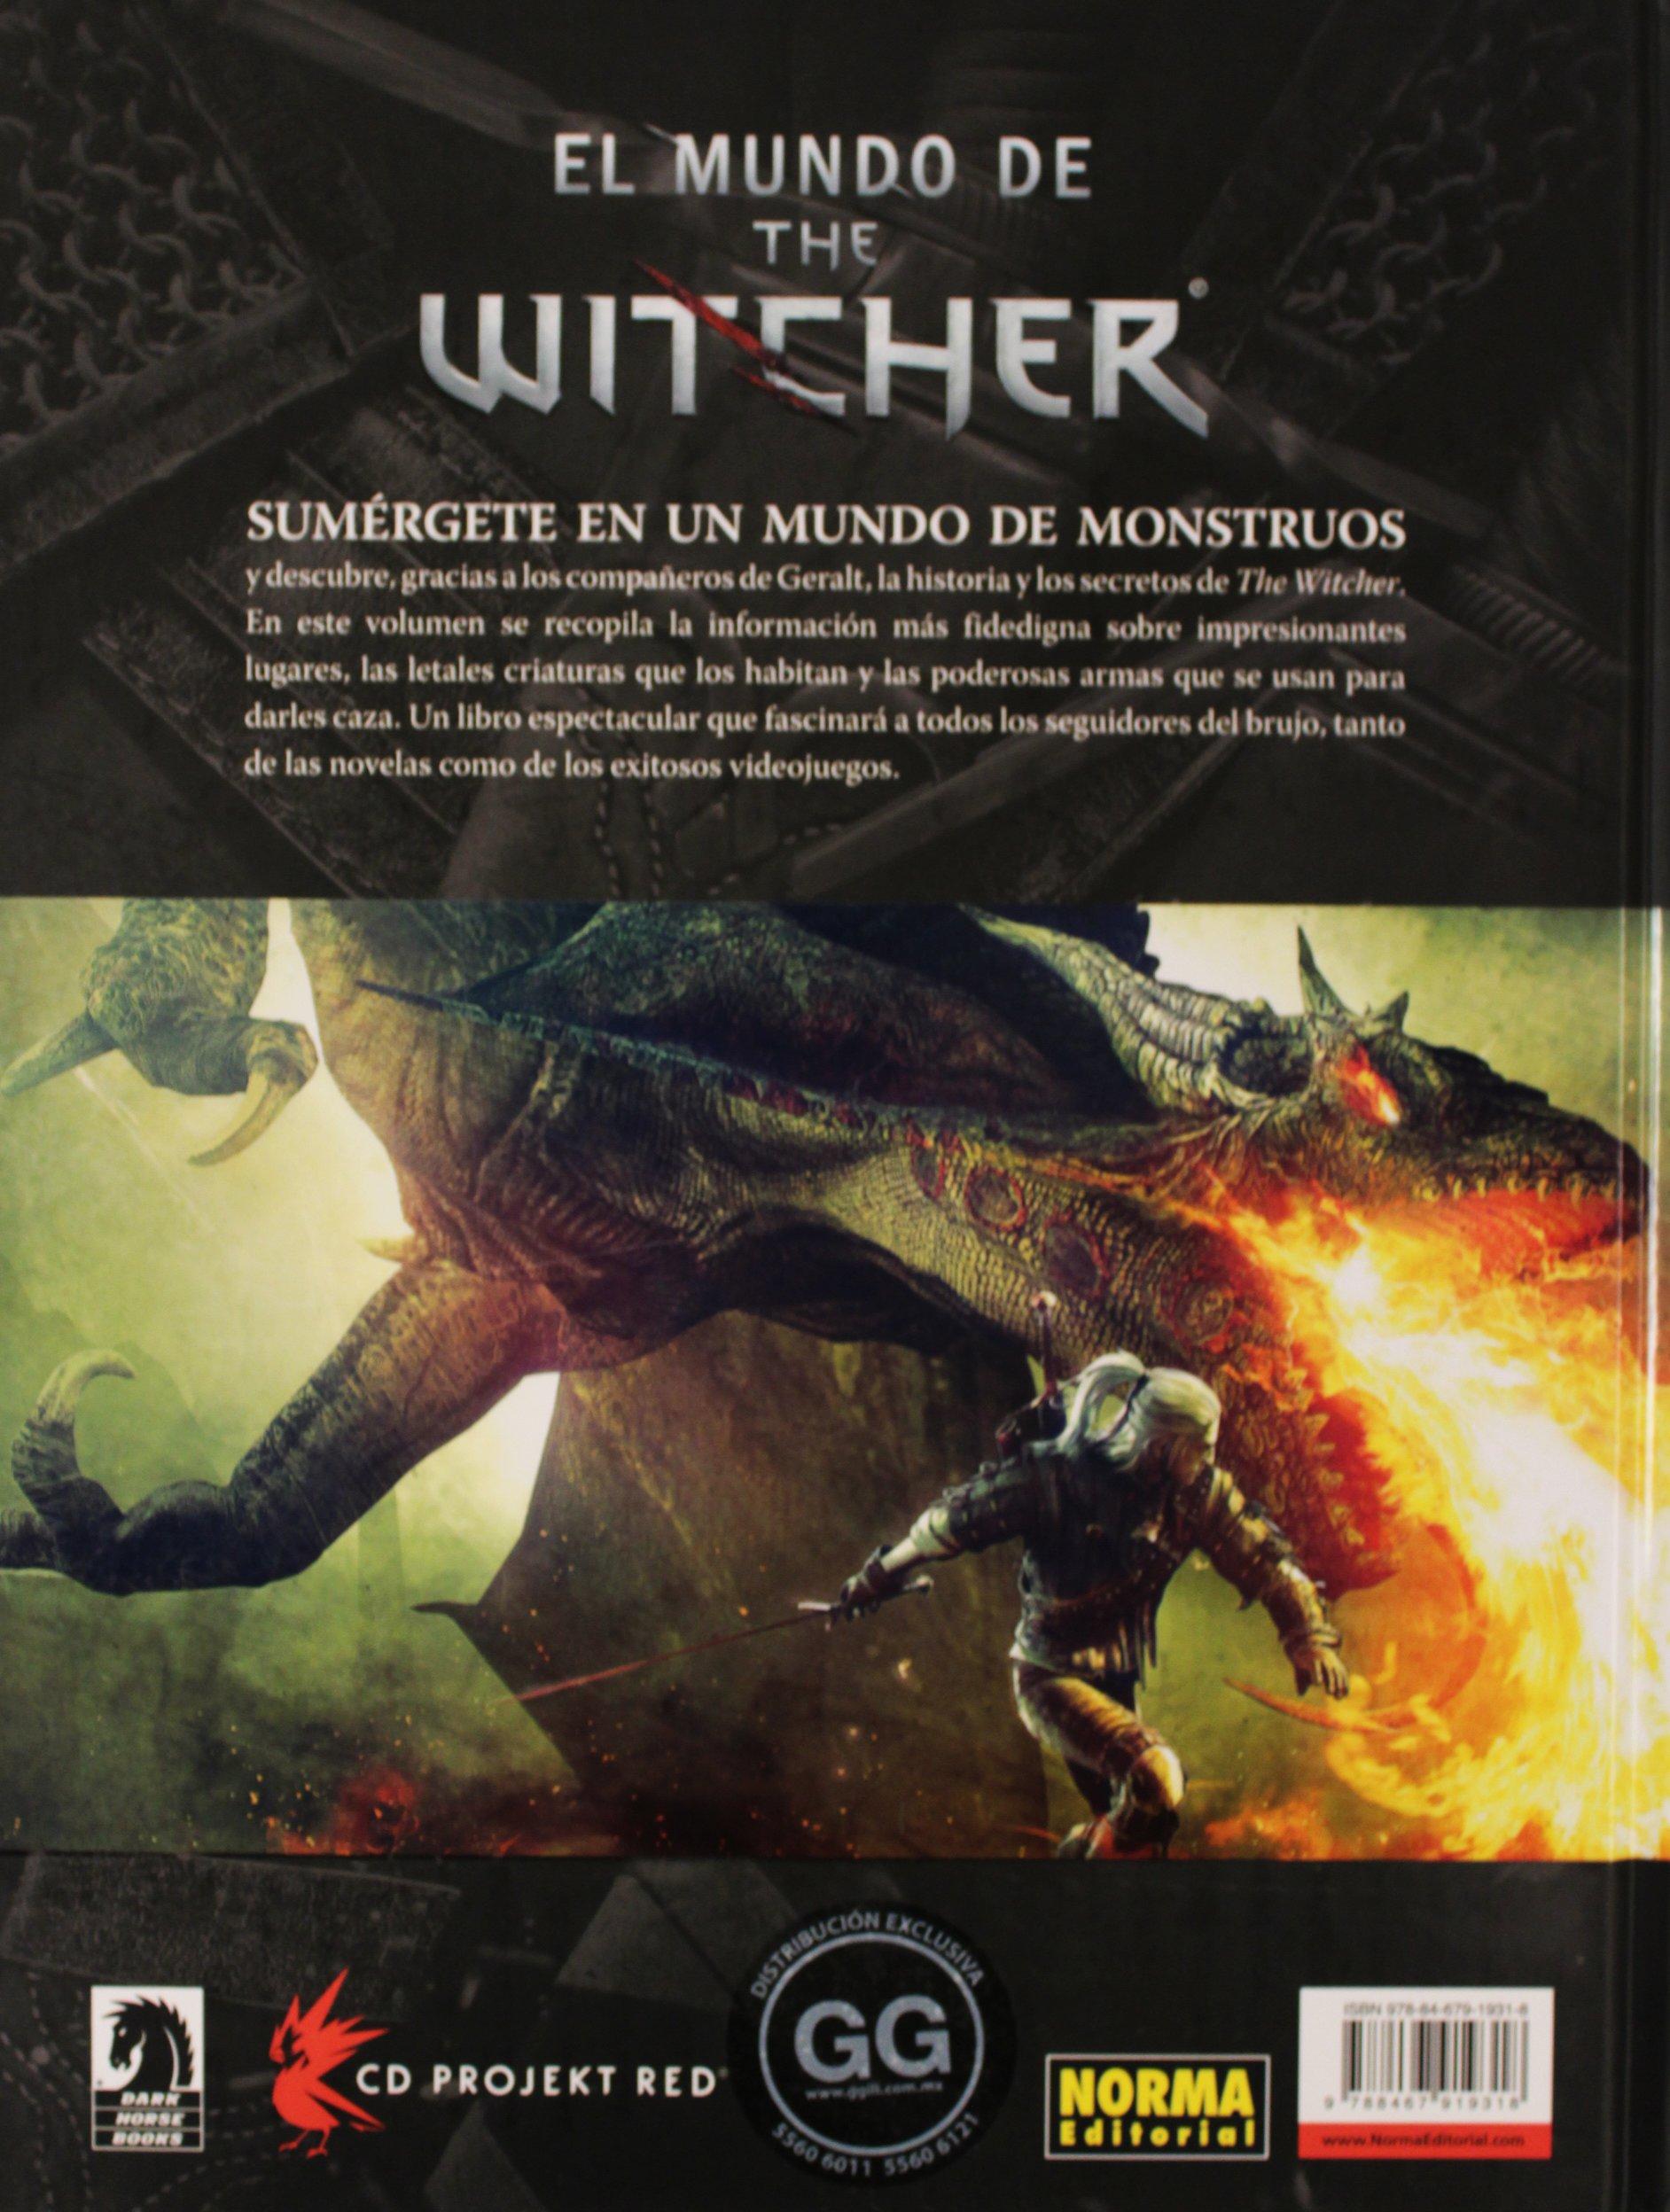 EL MUNDO DE THE WITCHER. COMPENDIO DEL VIDEOJ Comic Usa ...